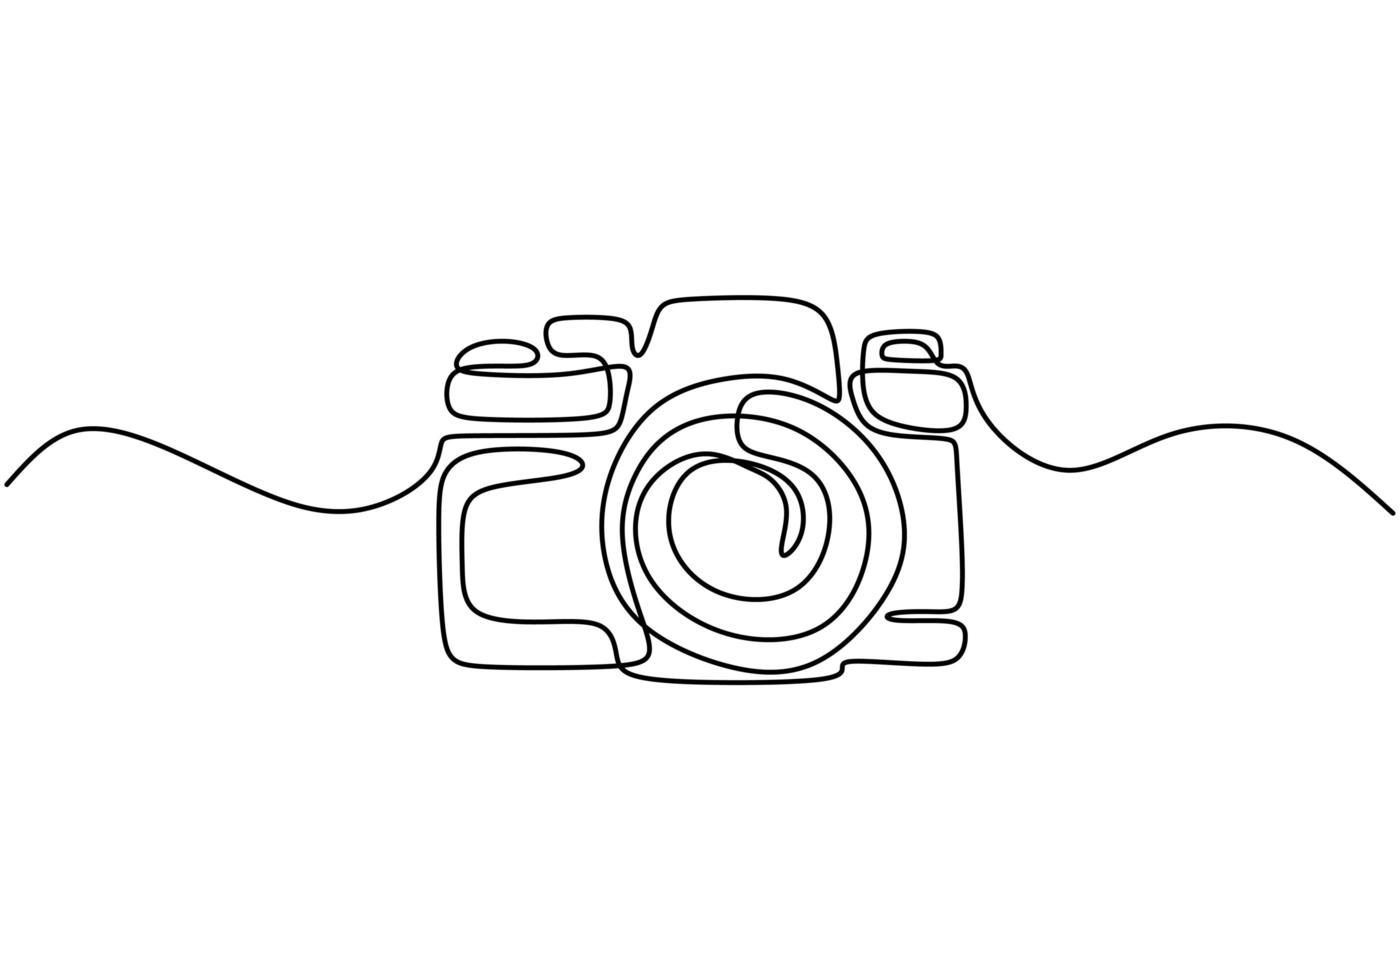 um desenho de linha do estilo linear da câmera. imagem preta isolada no fundo branco. ilustração em vetor estilo minimalismo desenhada à mão